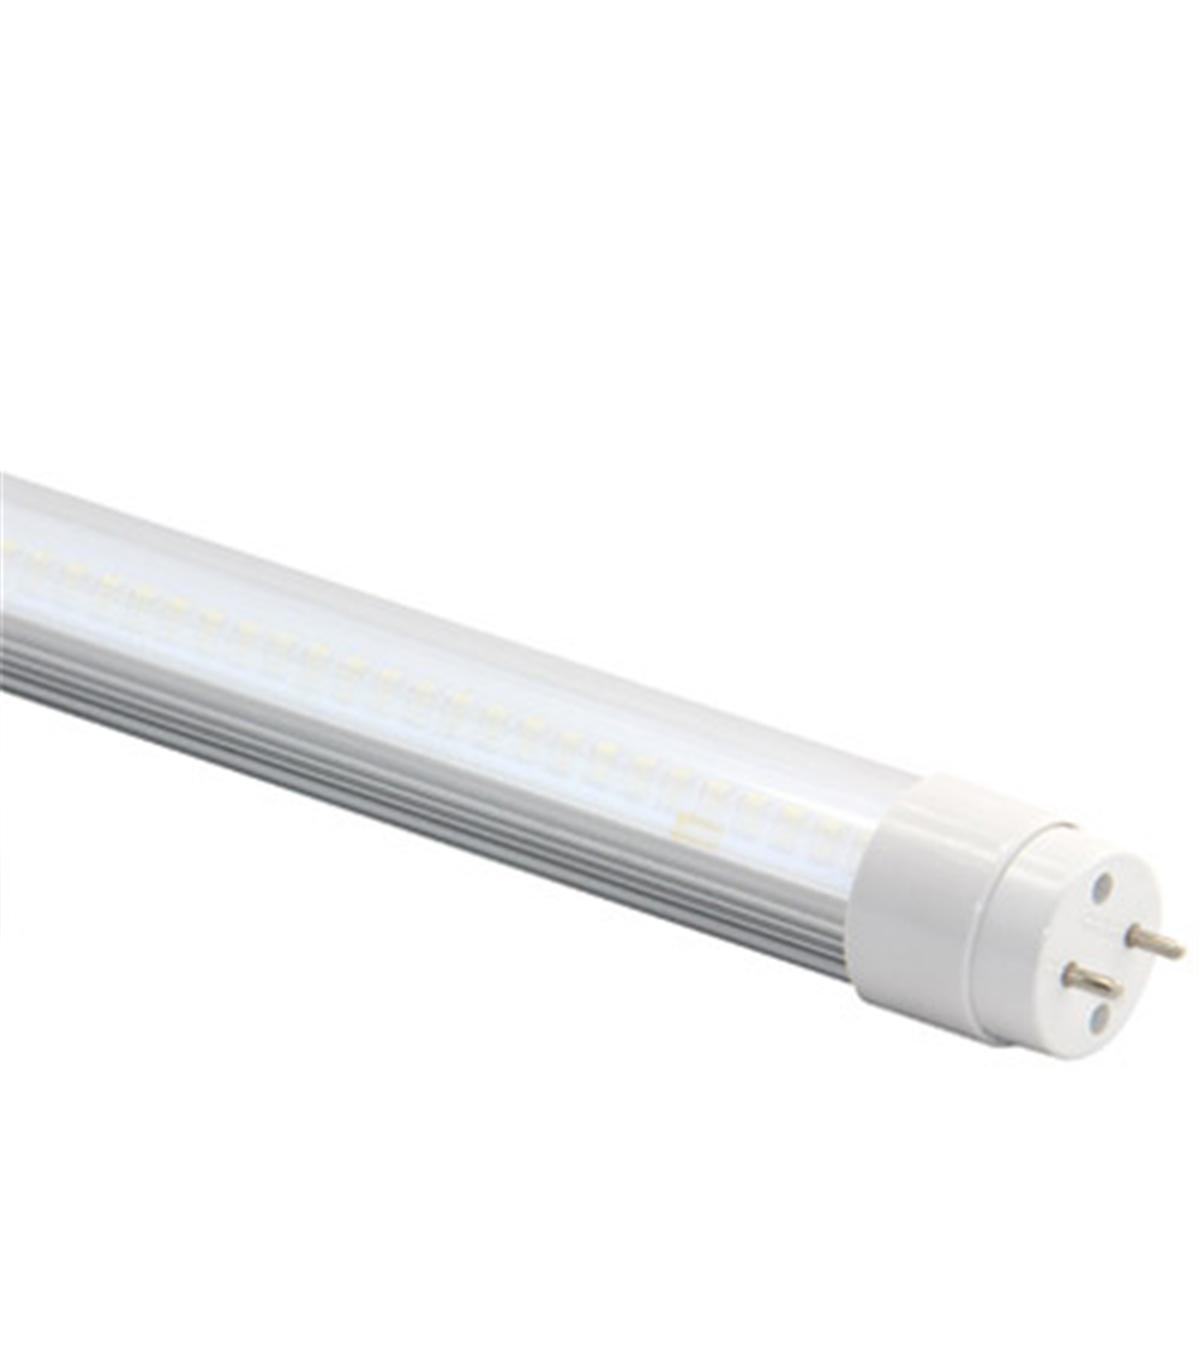 lâmpada tubular t5 90cm 10w 4000k smd2835 850lm - electricidade e